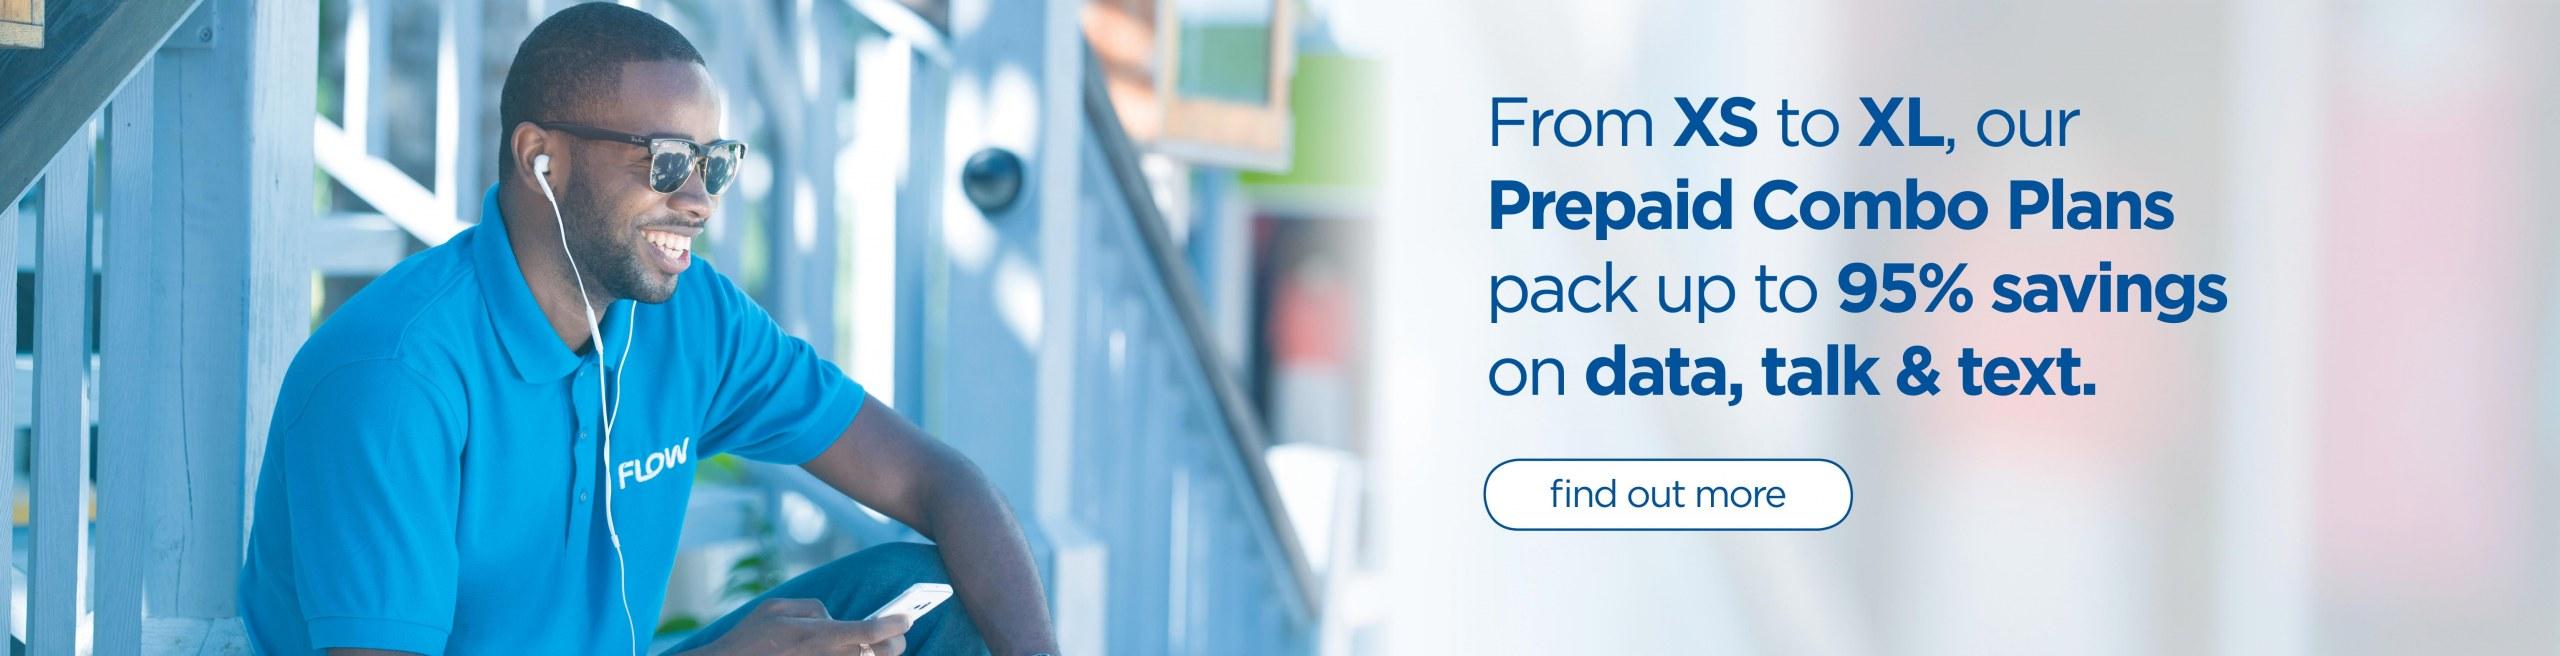 Prepaid Combo Plans